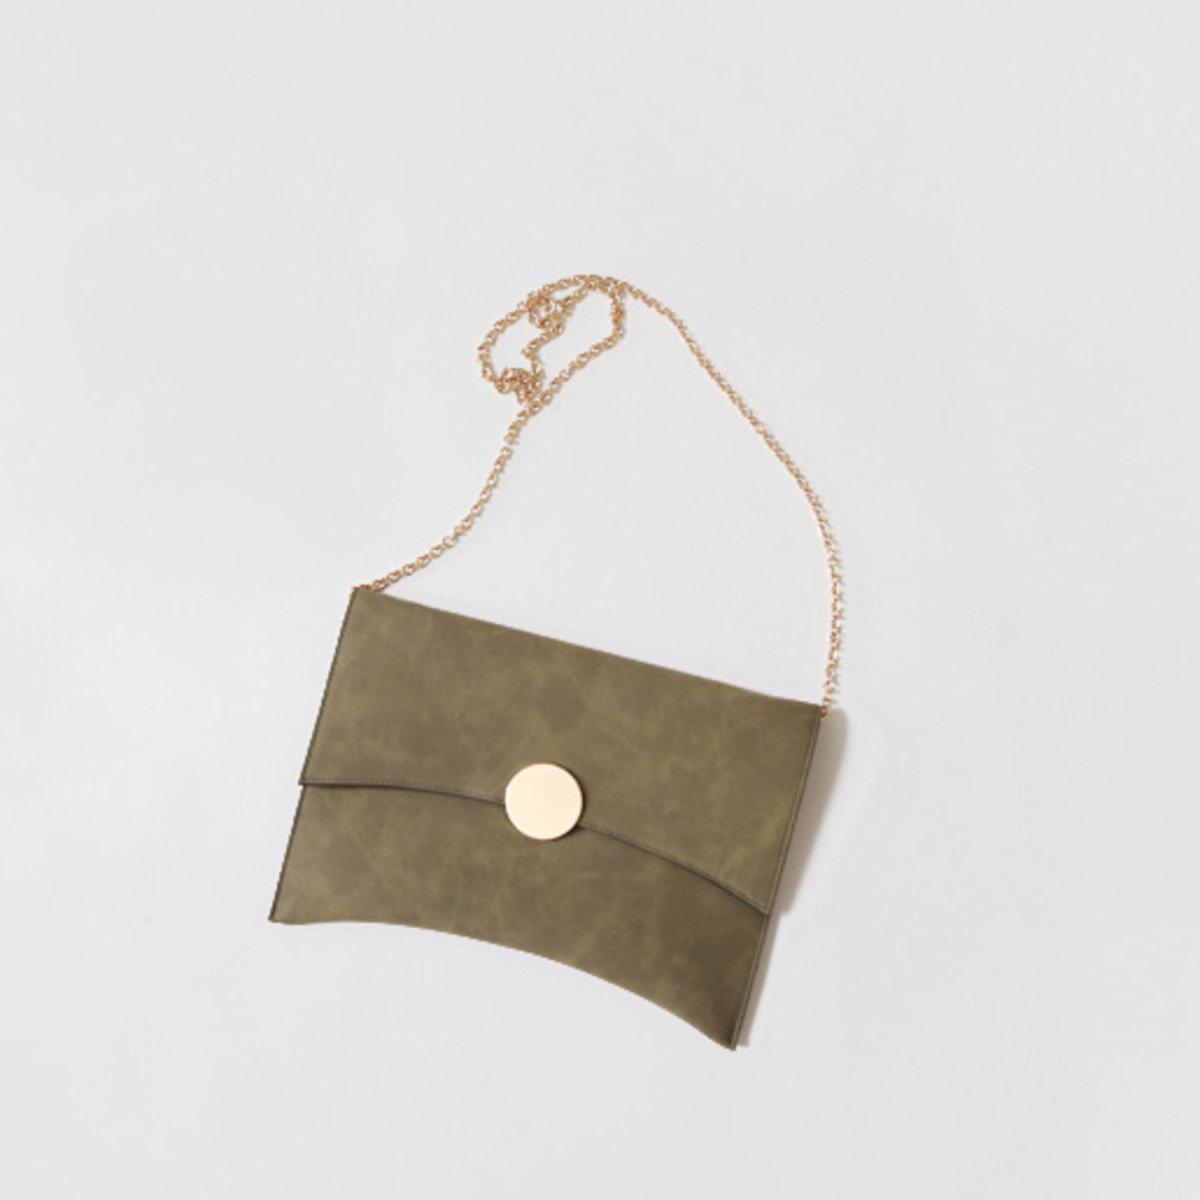 圓扣手提包(可兩用)_C58PABA28